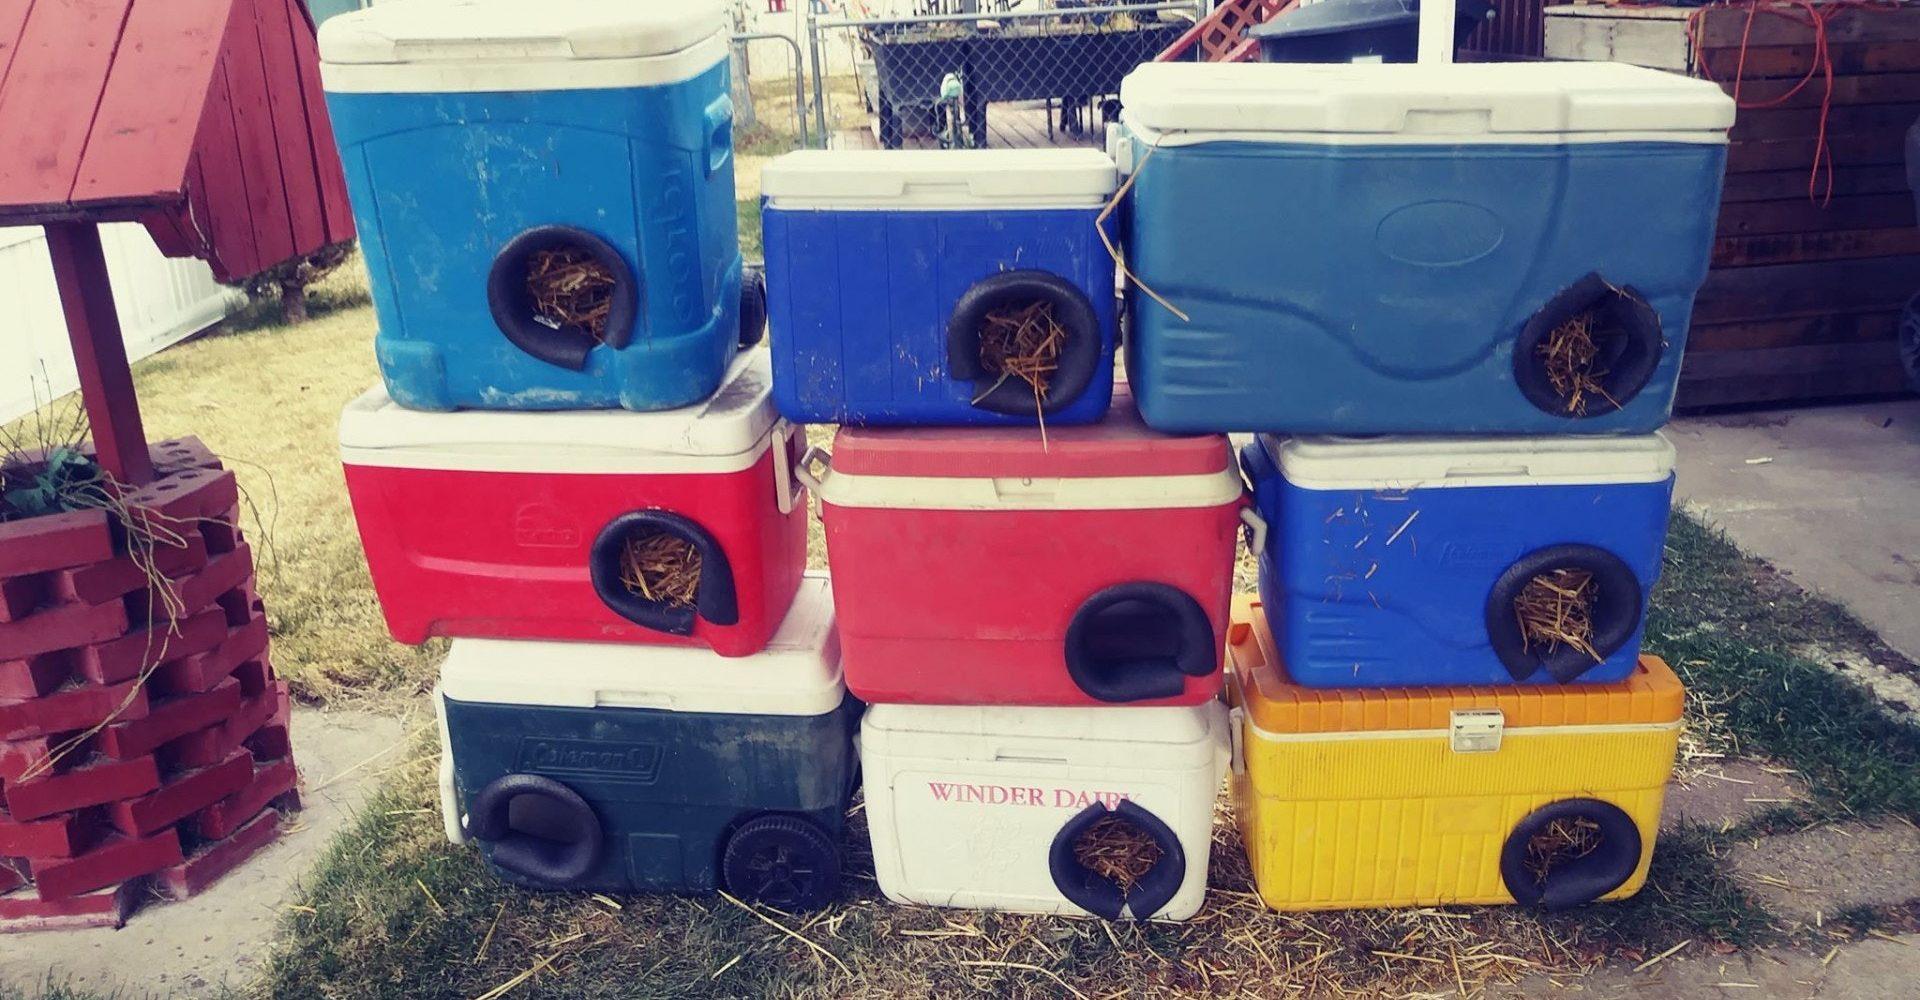 Costruire Cuccia Per Gatti animali, 150 cucce per gatti randagi create con borse termiche